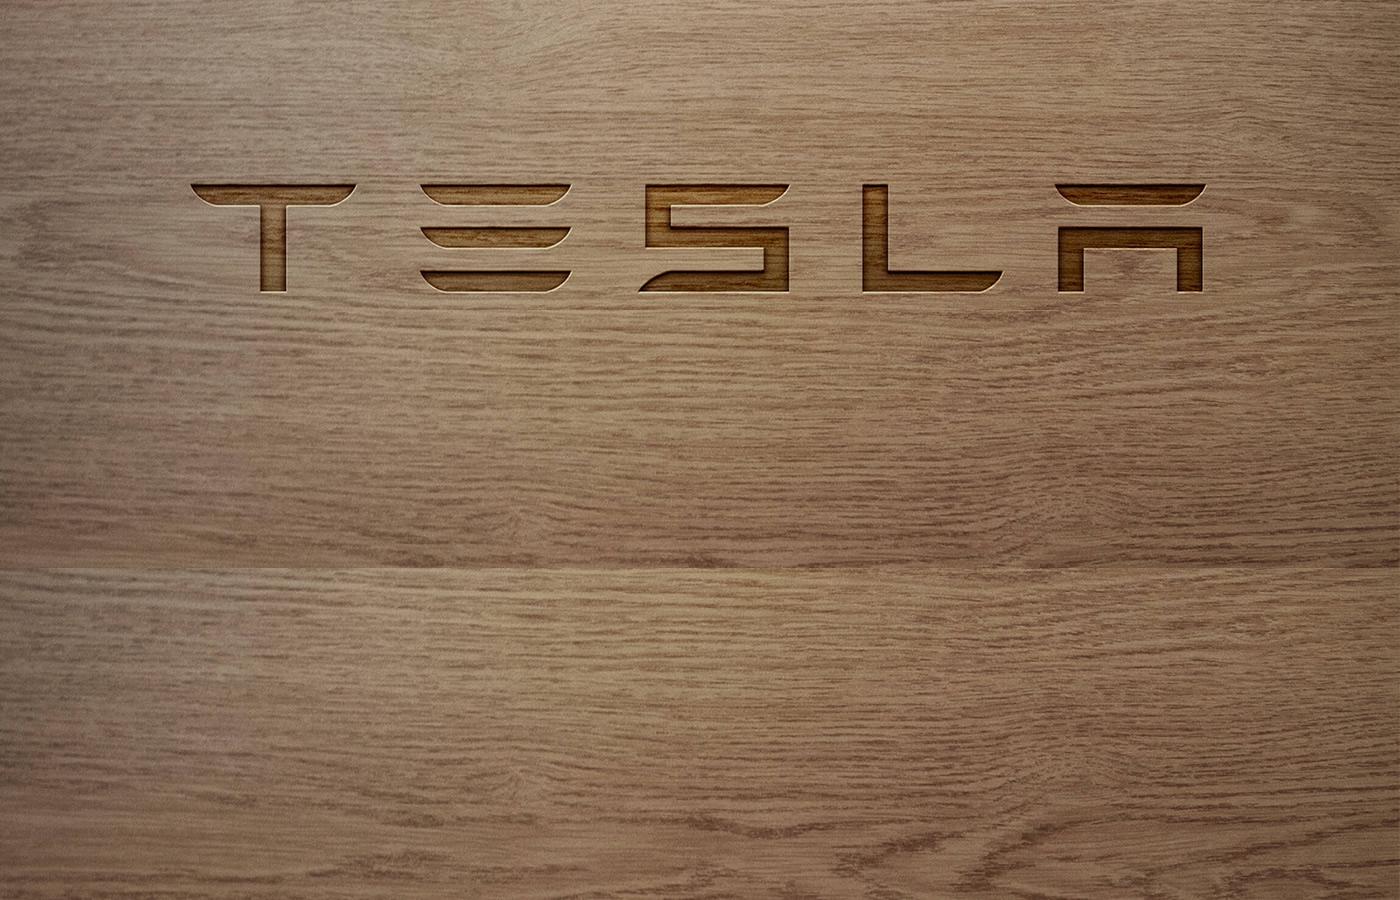 Tesla_Model_S_Fiss_5